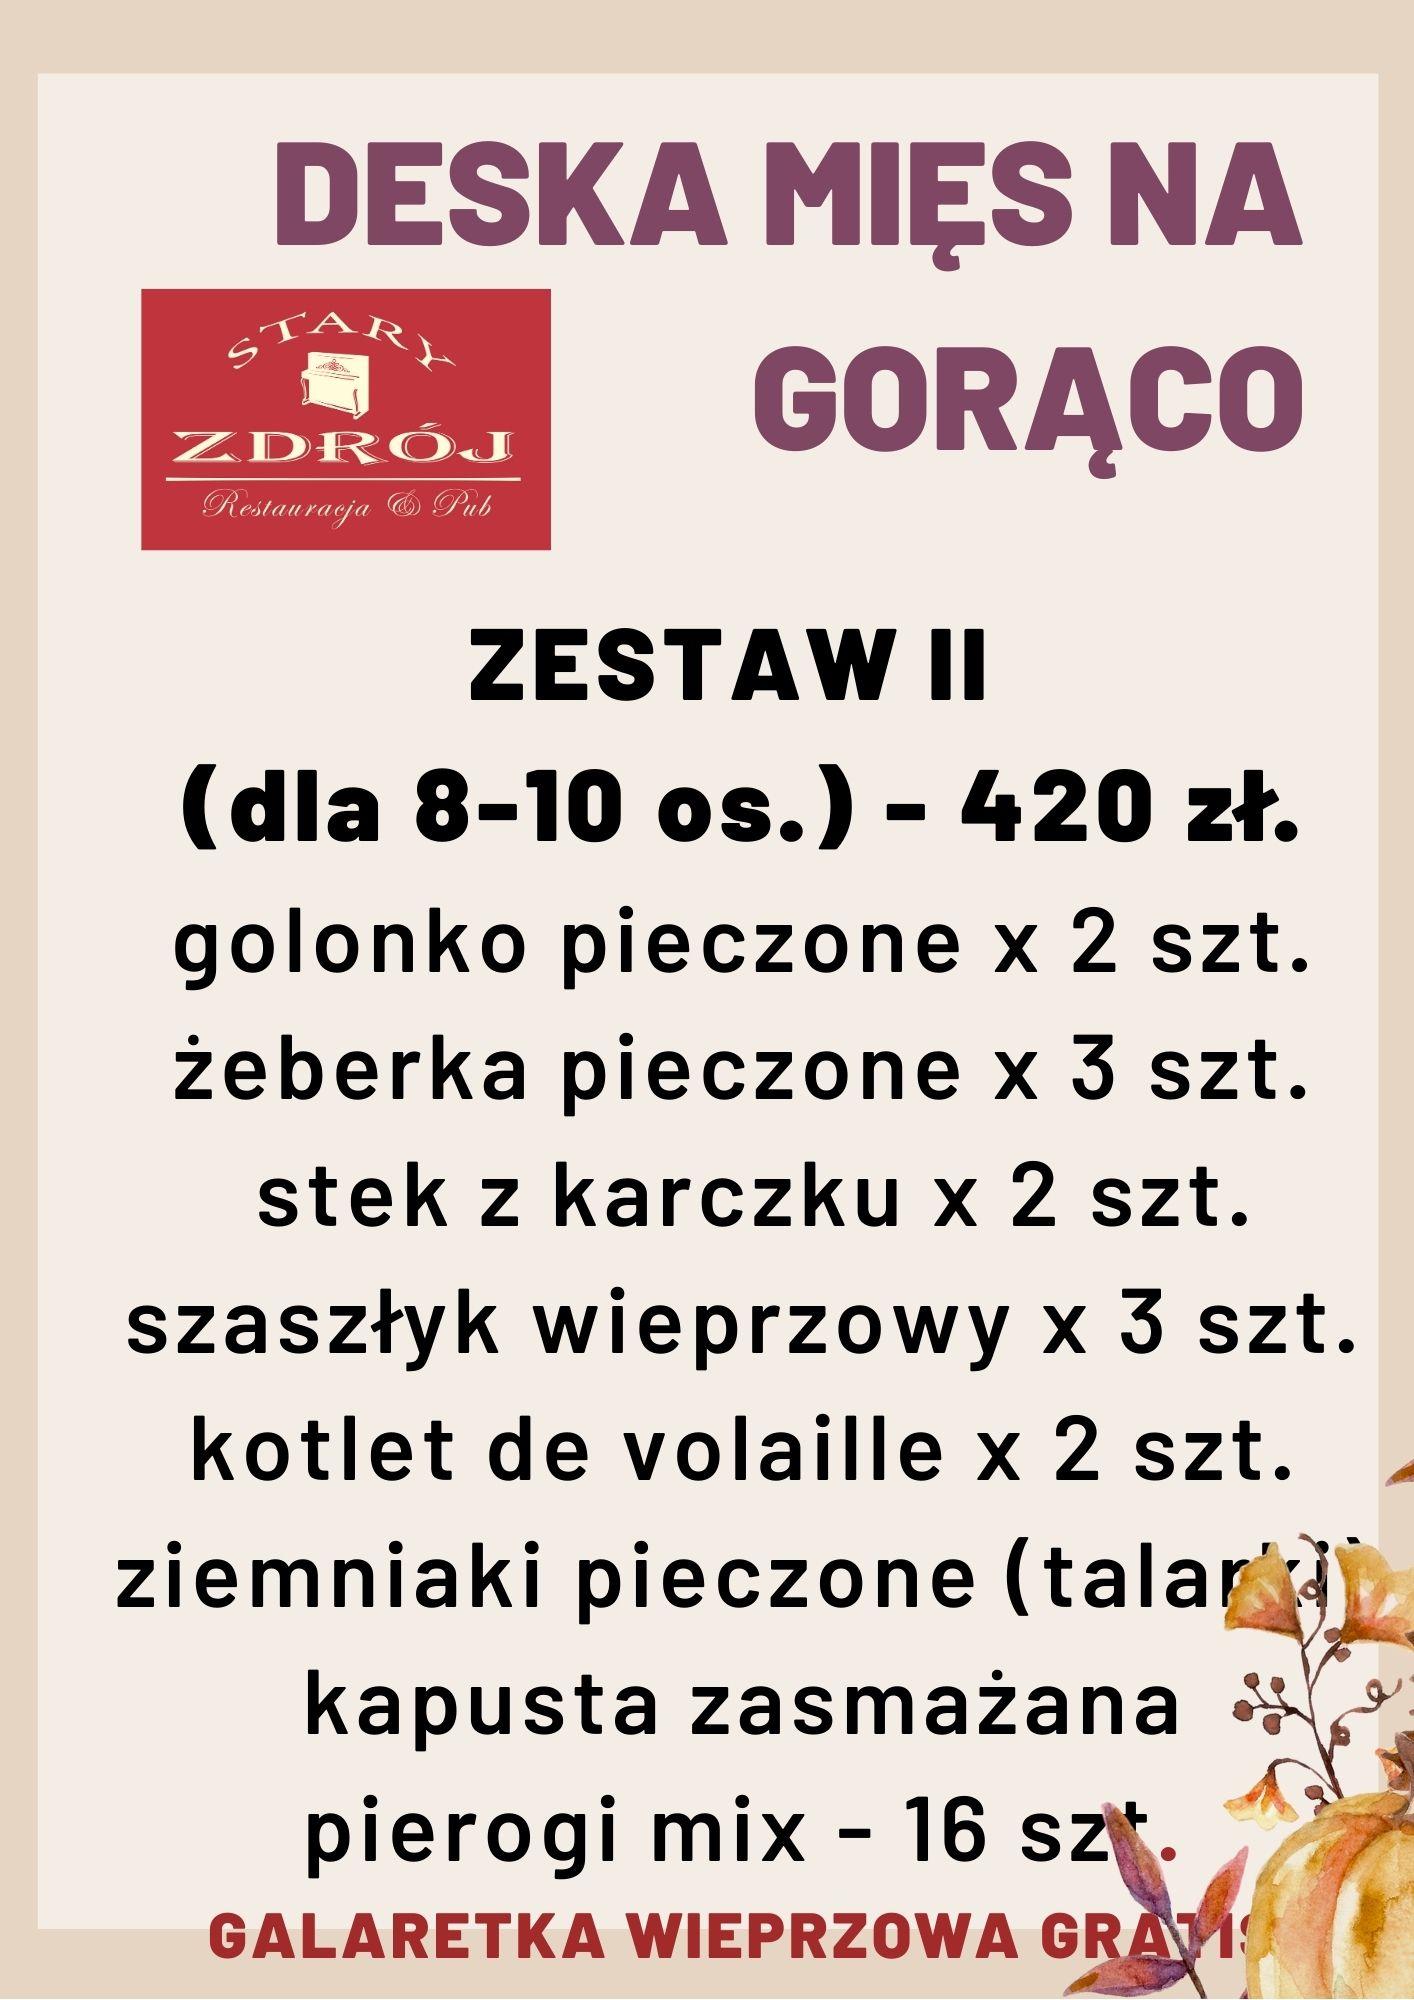 ZESTAW II